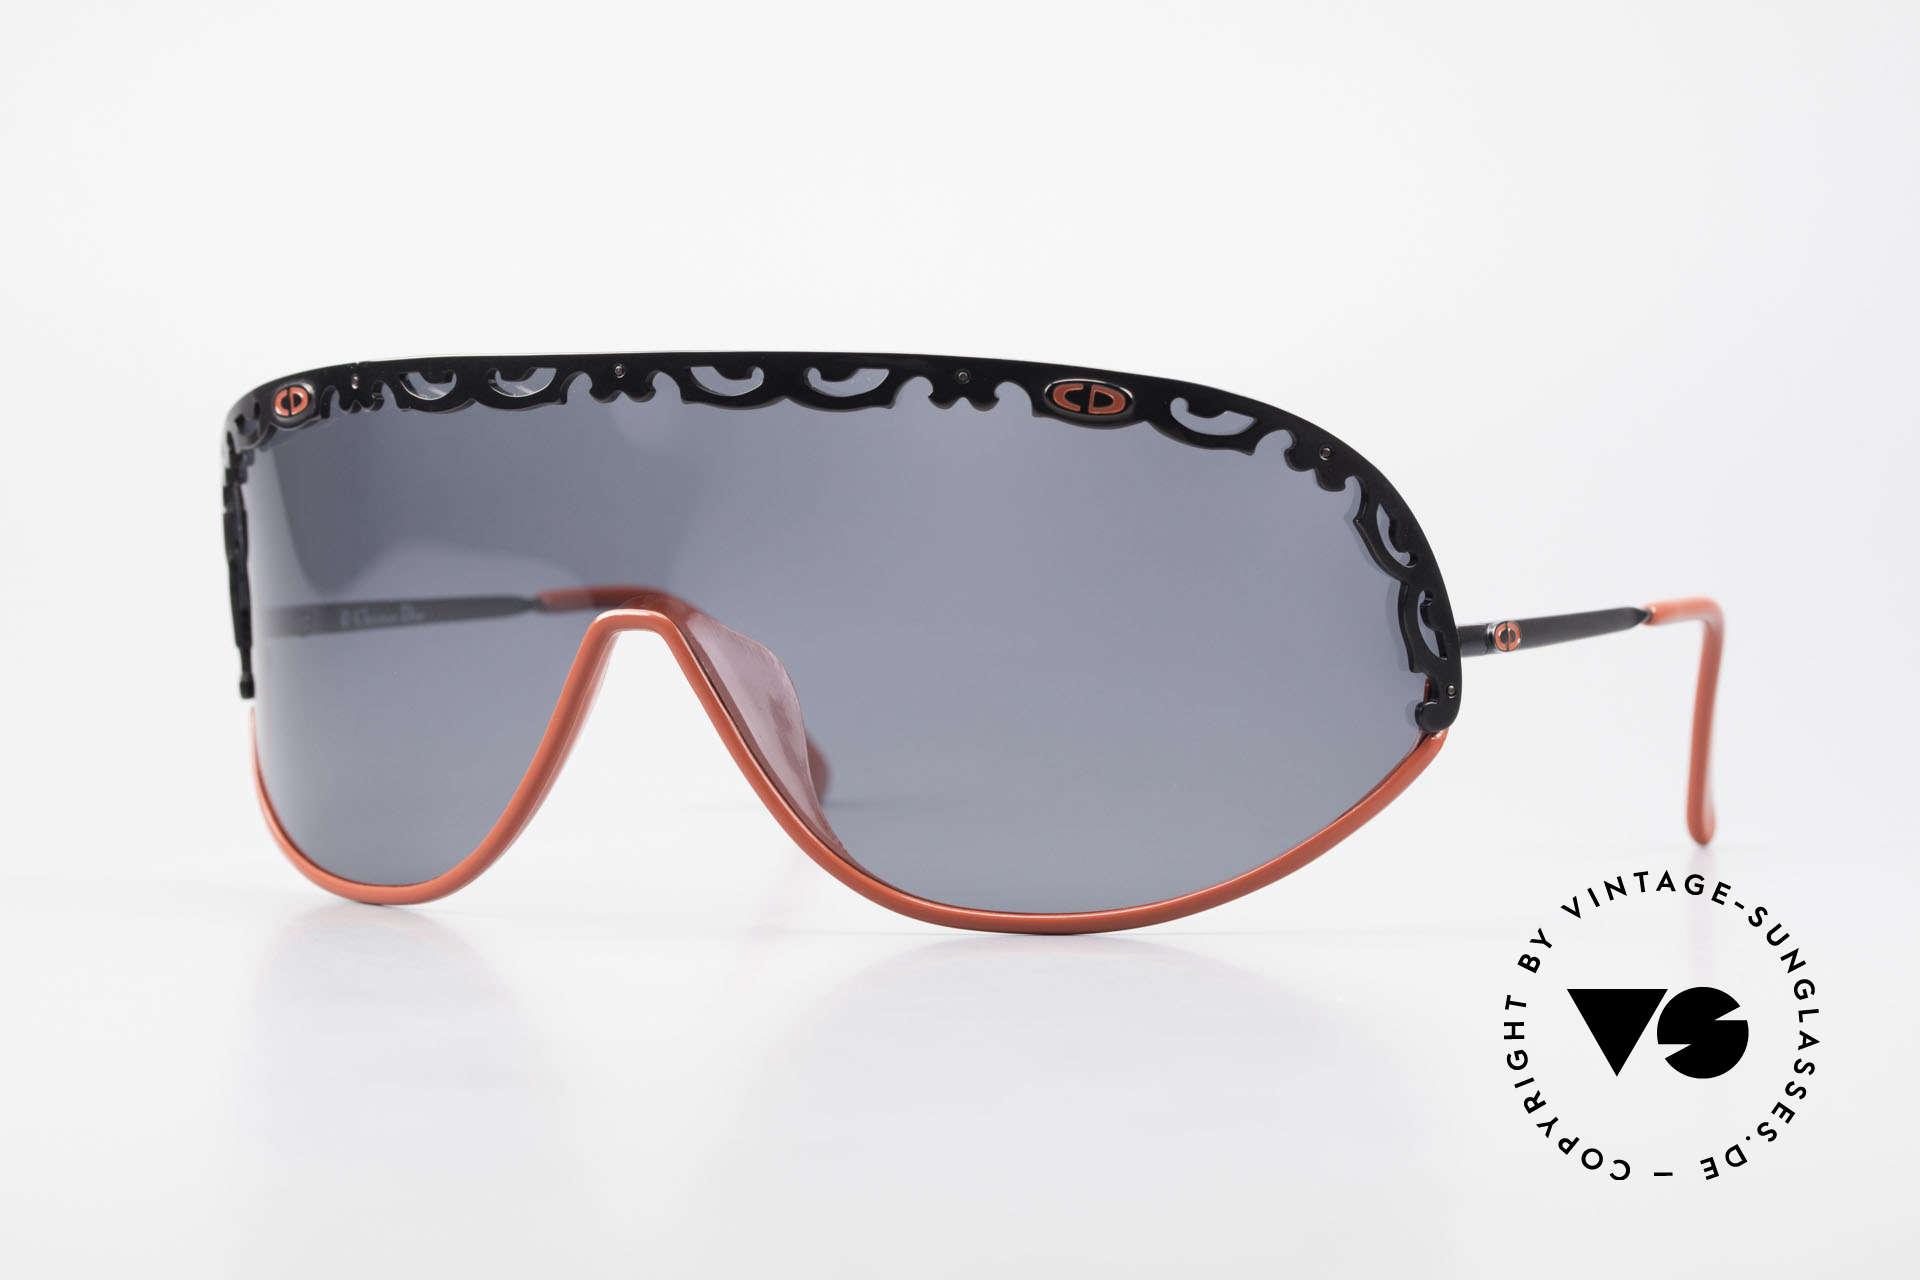 Christian Dior 2501 Polarisierende Sonnenbrille, Christian Dior Designer Sonnenbrille von 1989/1990, Passend für Damen